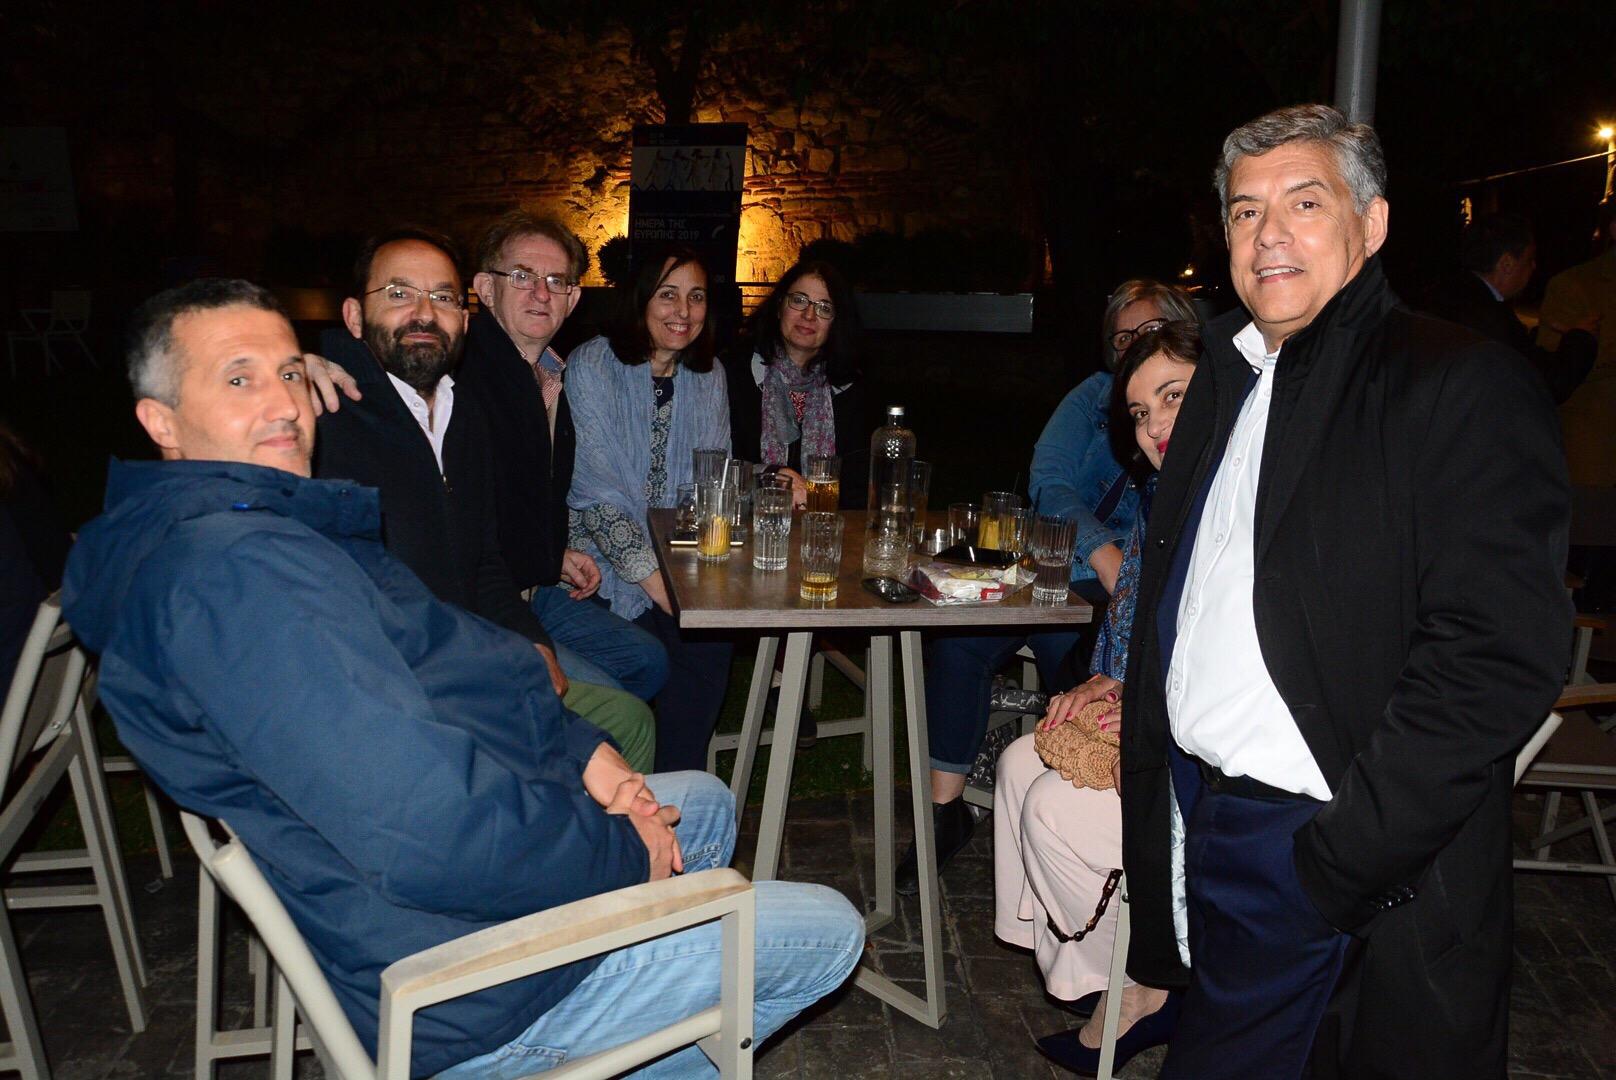 Γιόρτασαν την ημέρα της Ευρώπης στη Θεσσαλία -Δείτε φωτογραφίες από την εκδήλωση στο Φρούριο